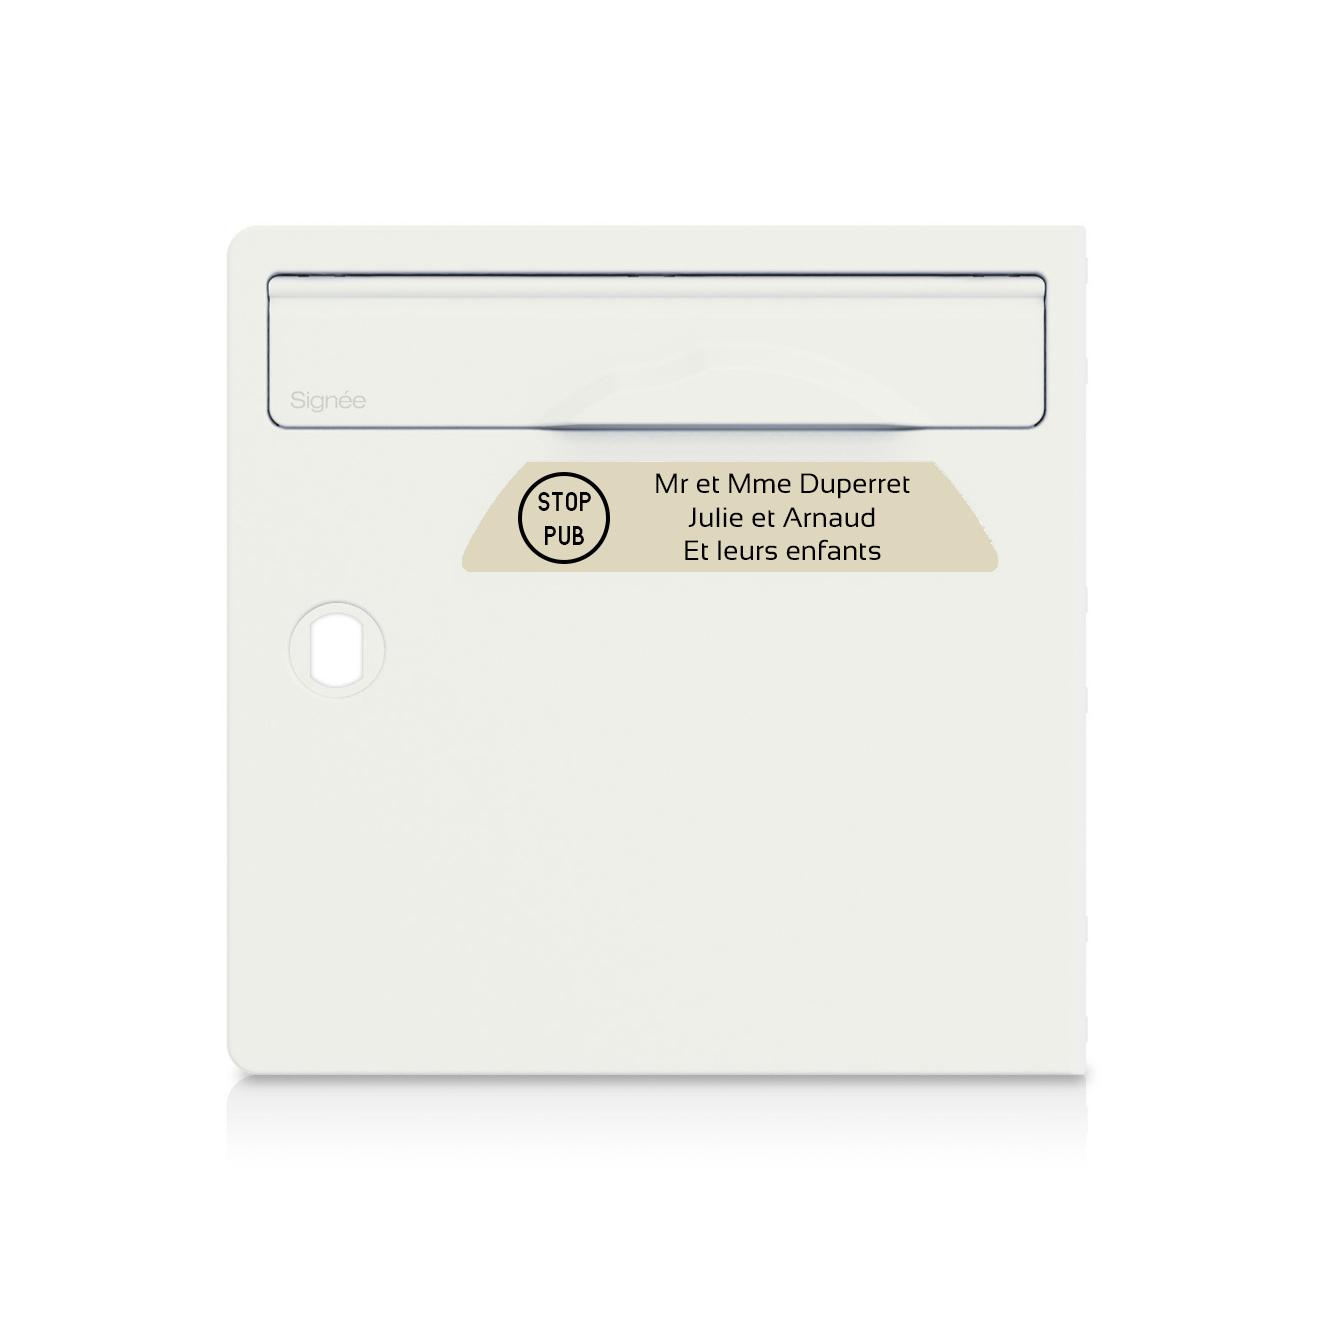 Plaque boite aux lettres Signée STOP PUB beige lettres noires - 3 lignes